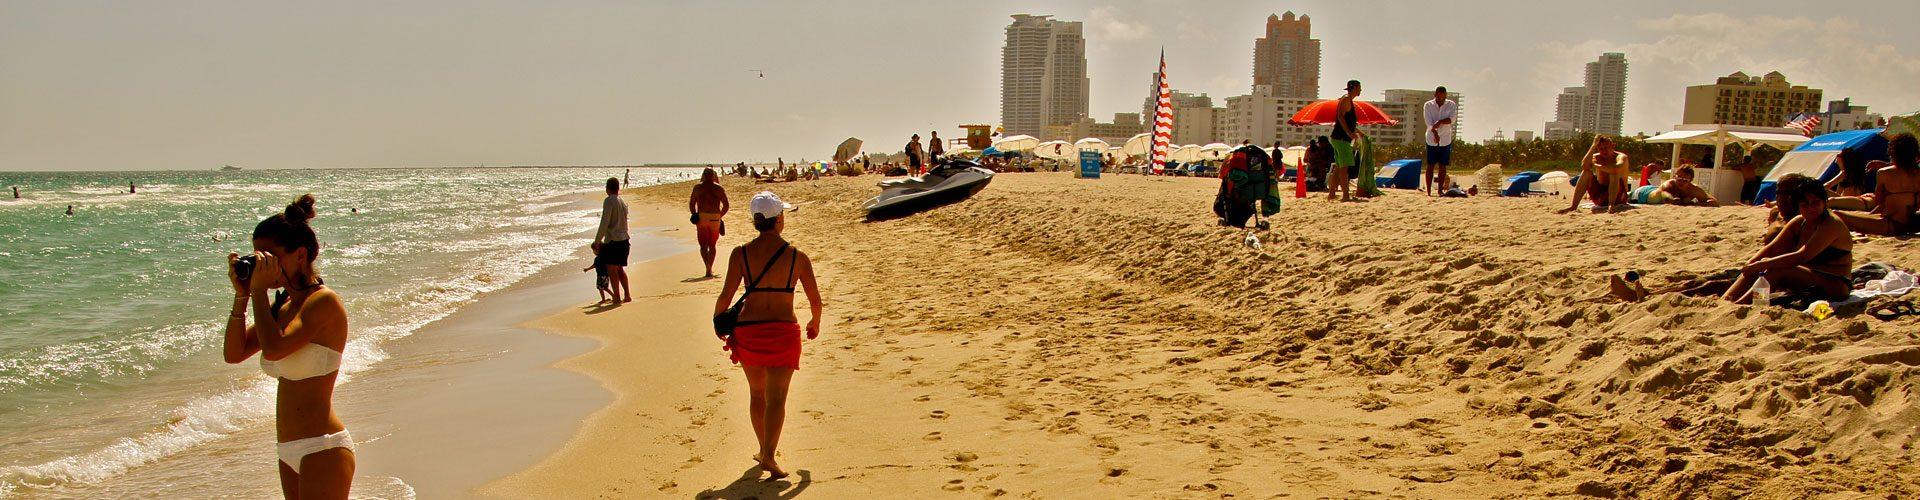 Strandleben am feinsandigen Sandstrand von Miami Beach, Florida